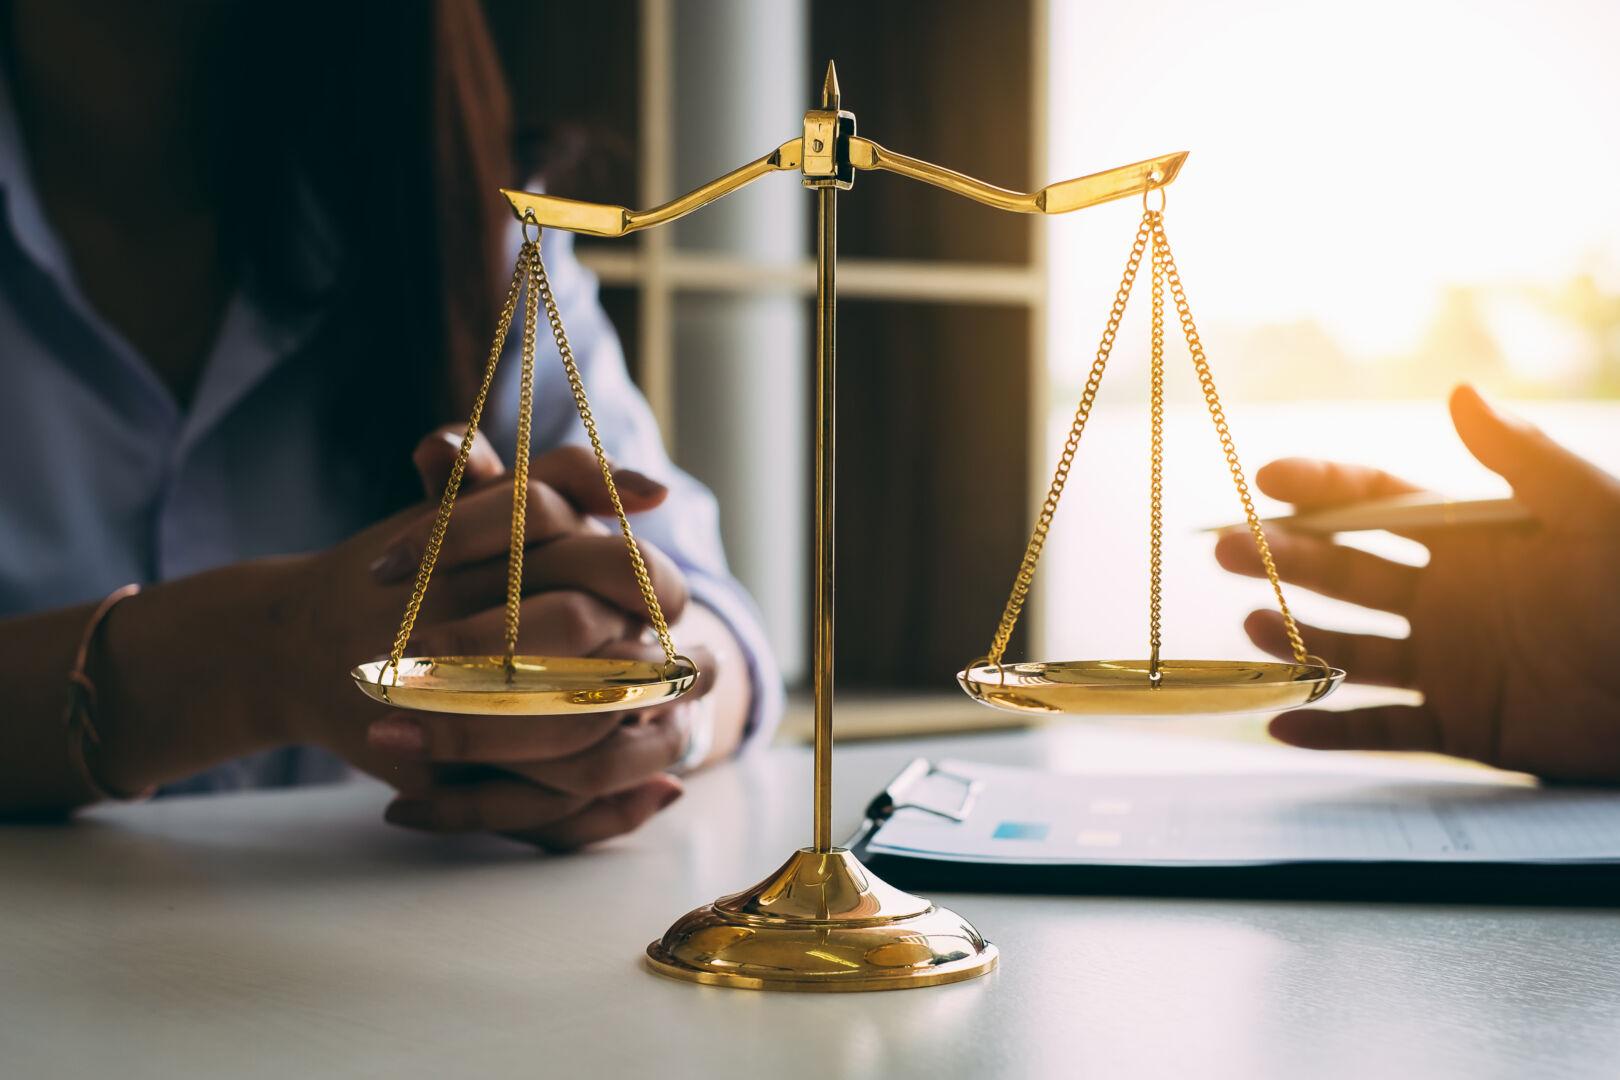 «Contournement de l'agent immobilier et application de la clause pénale», Caroline Tomasi-Serre, avocate au Barreau de Paris